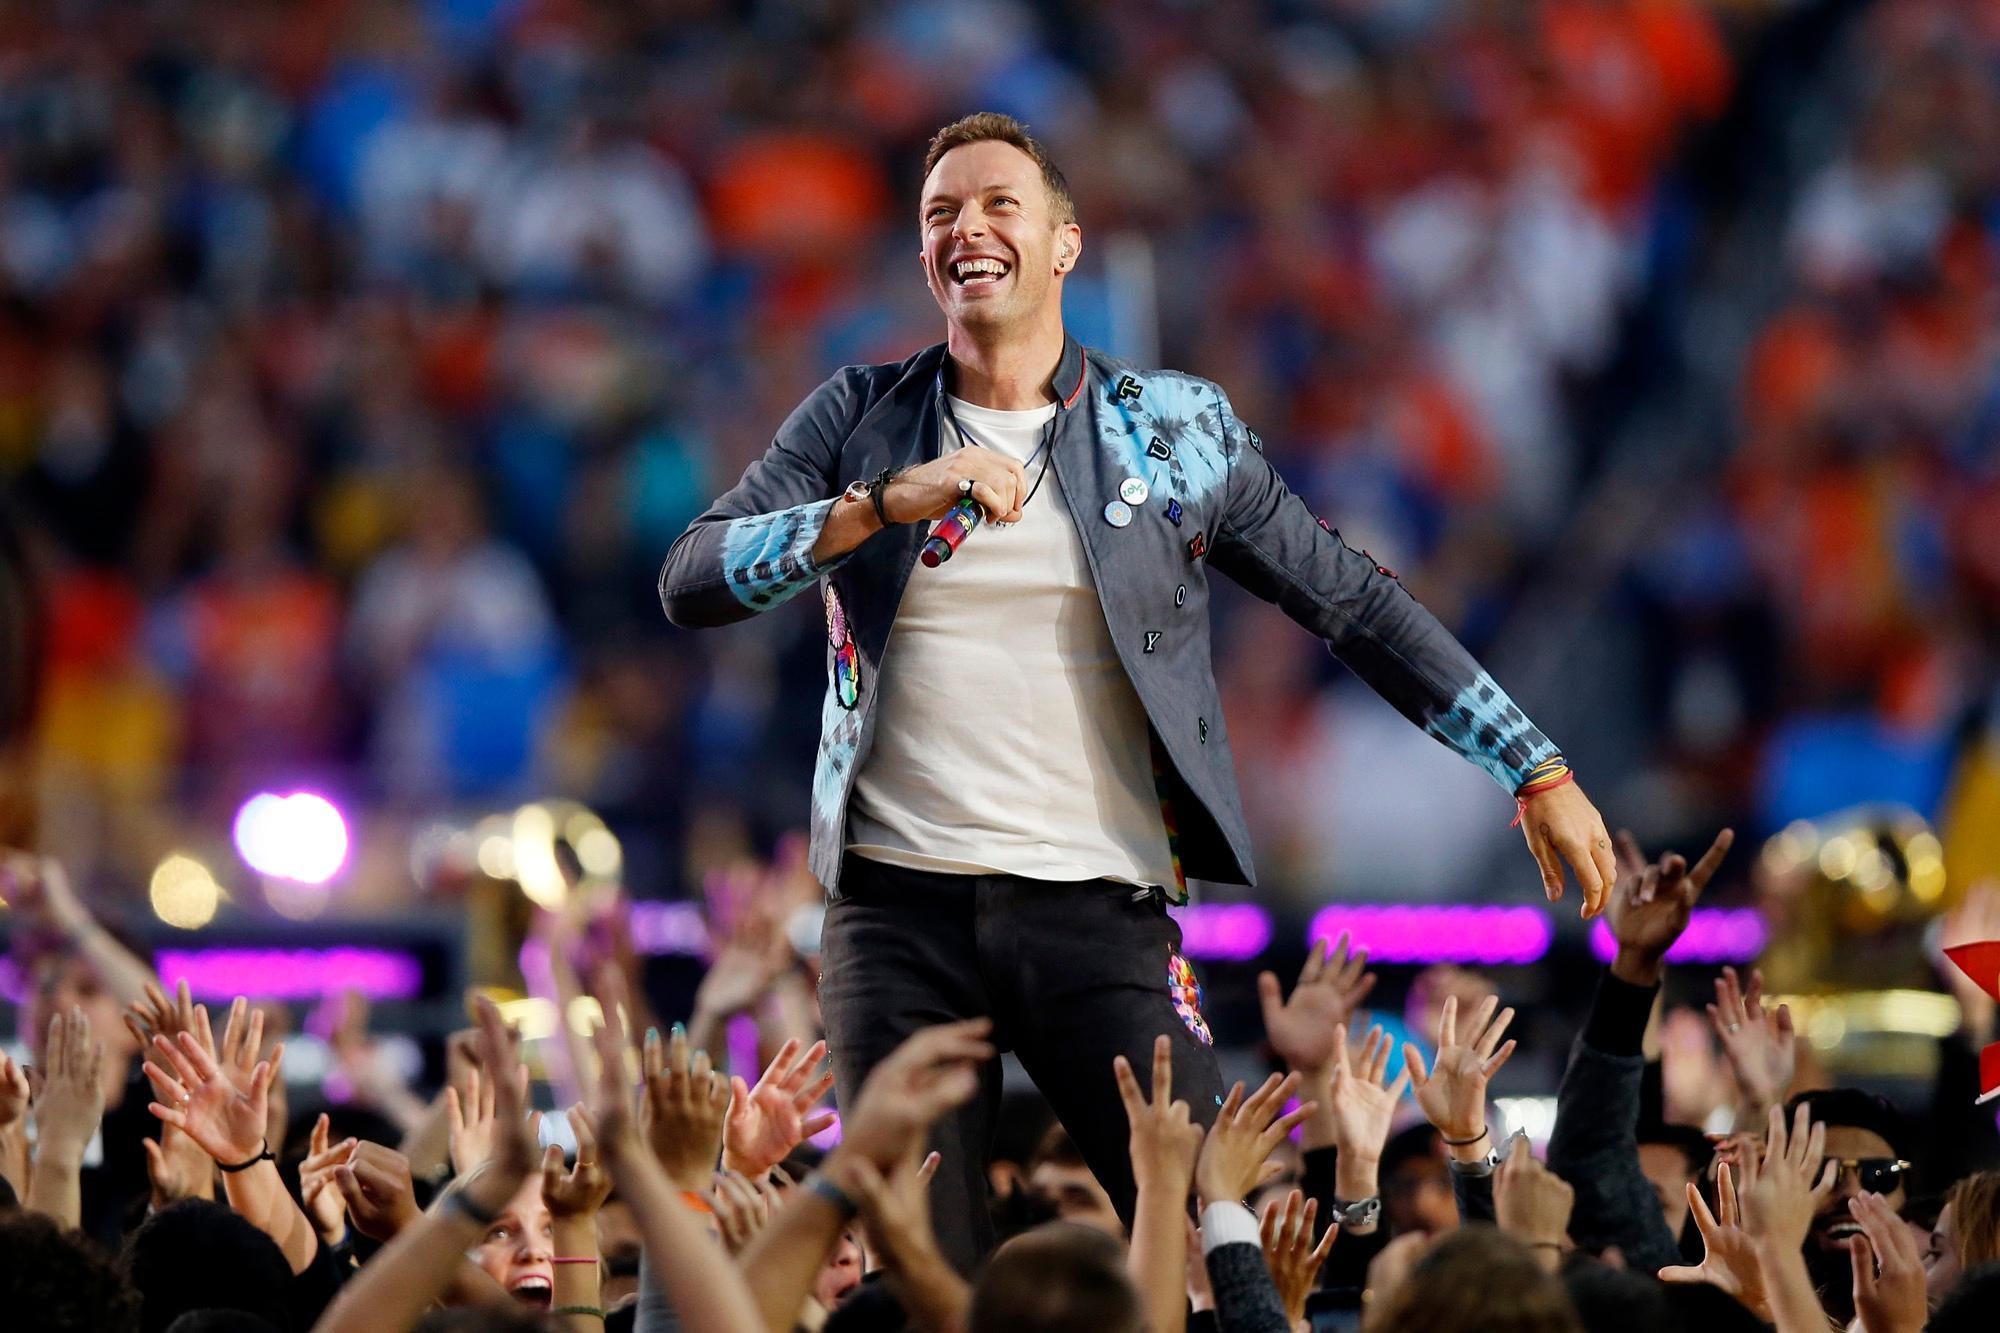 Die Band Coldplay lebt nicht nur für die Bühne, sie könnte sich auch locker jede Bühne kaufen. Mit 88 Millionen Dollar mehr auf dem Konto sind die vier Jungs jetzt jedenfalls stinkreich.